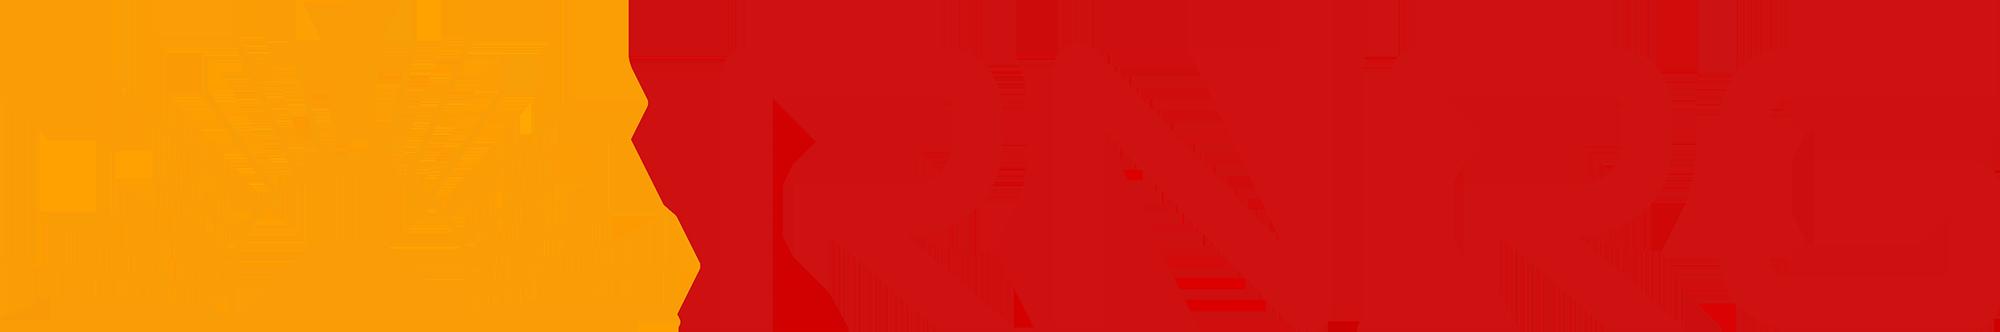 RNRG.lv